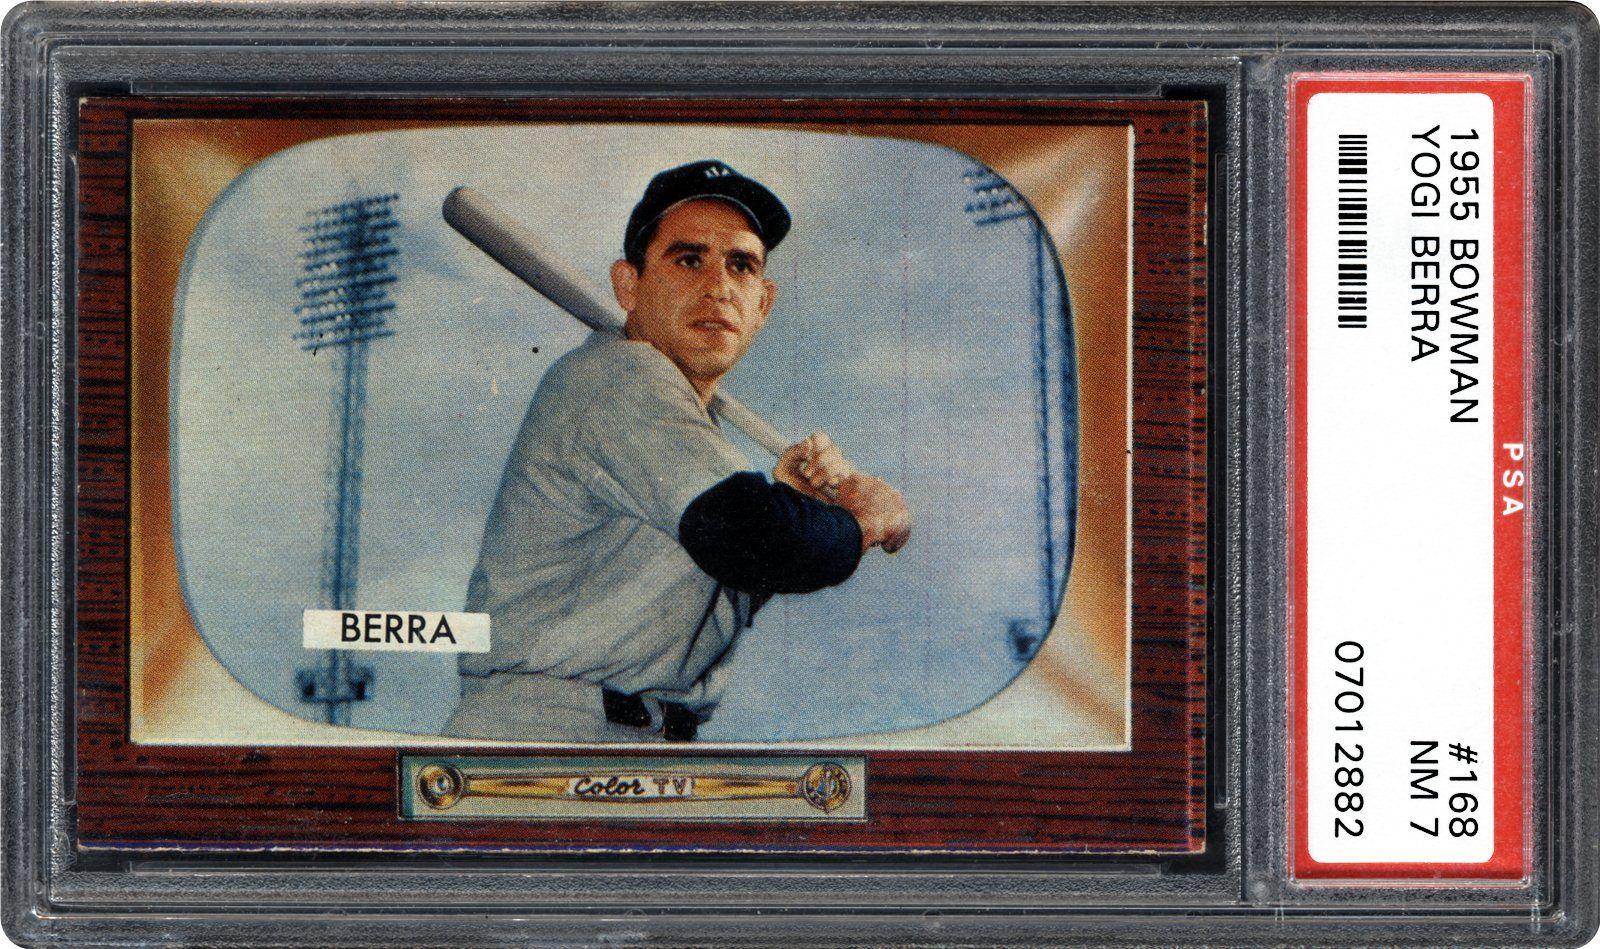 1955 Bowman Yogi Berra Psa Cardfacts